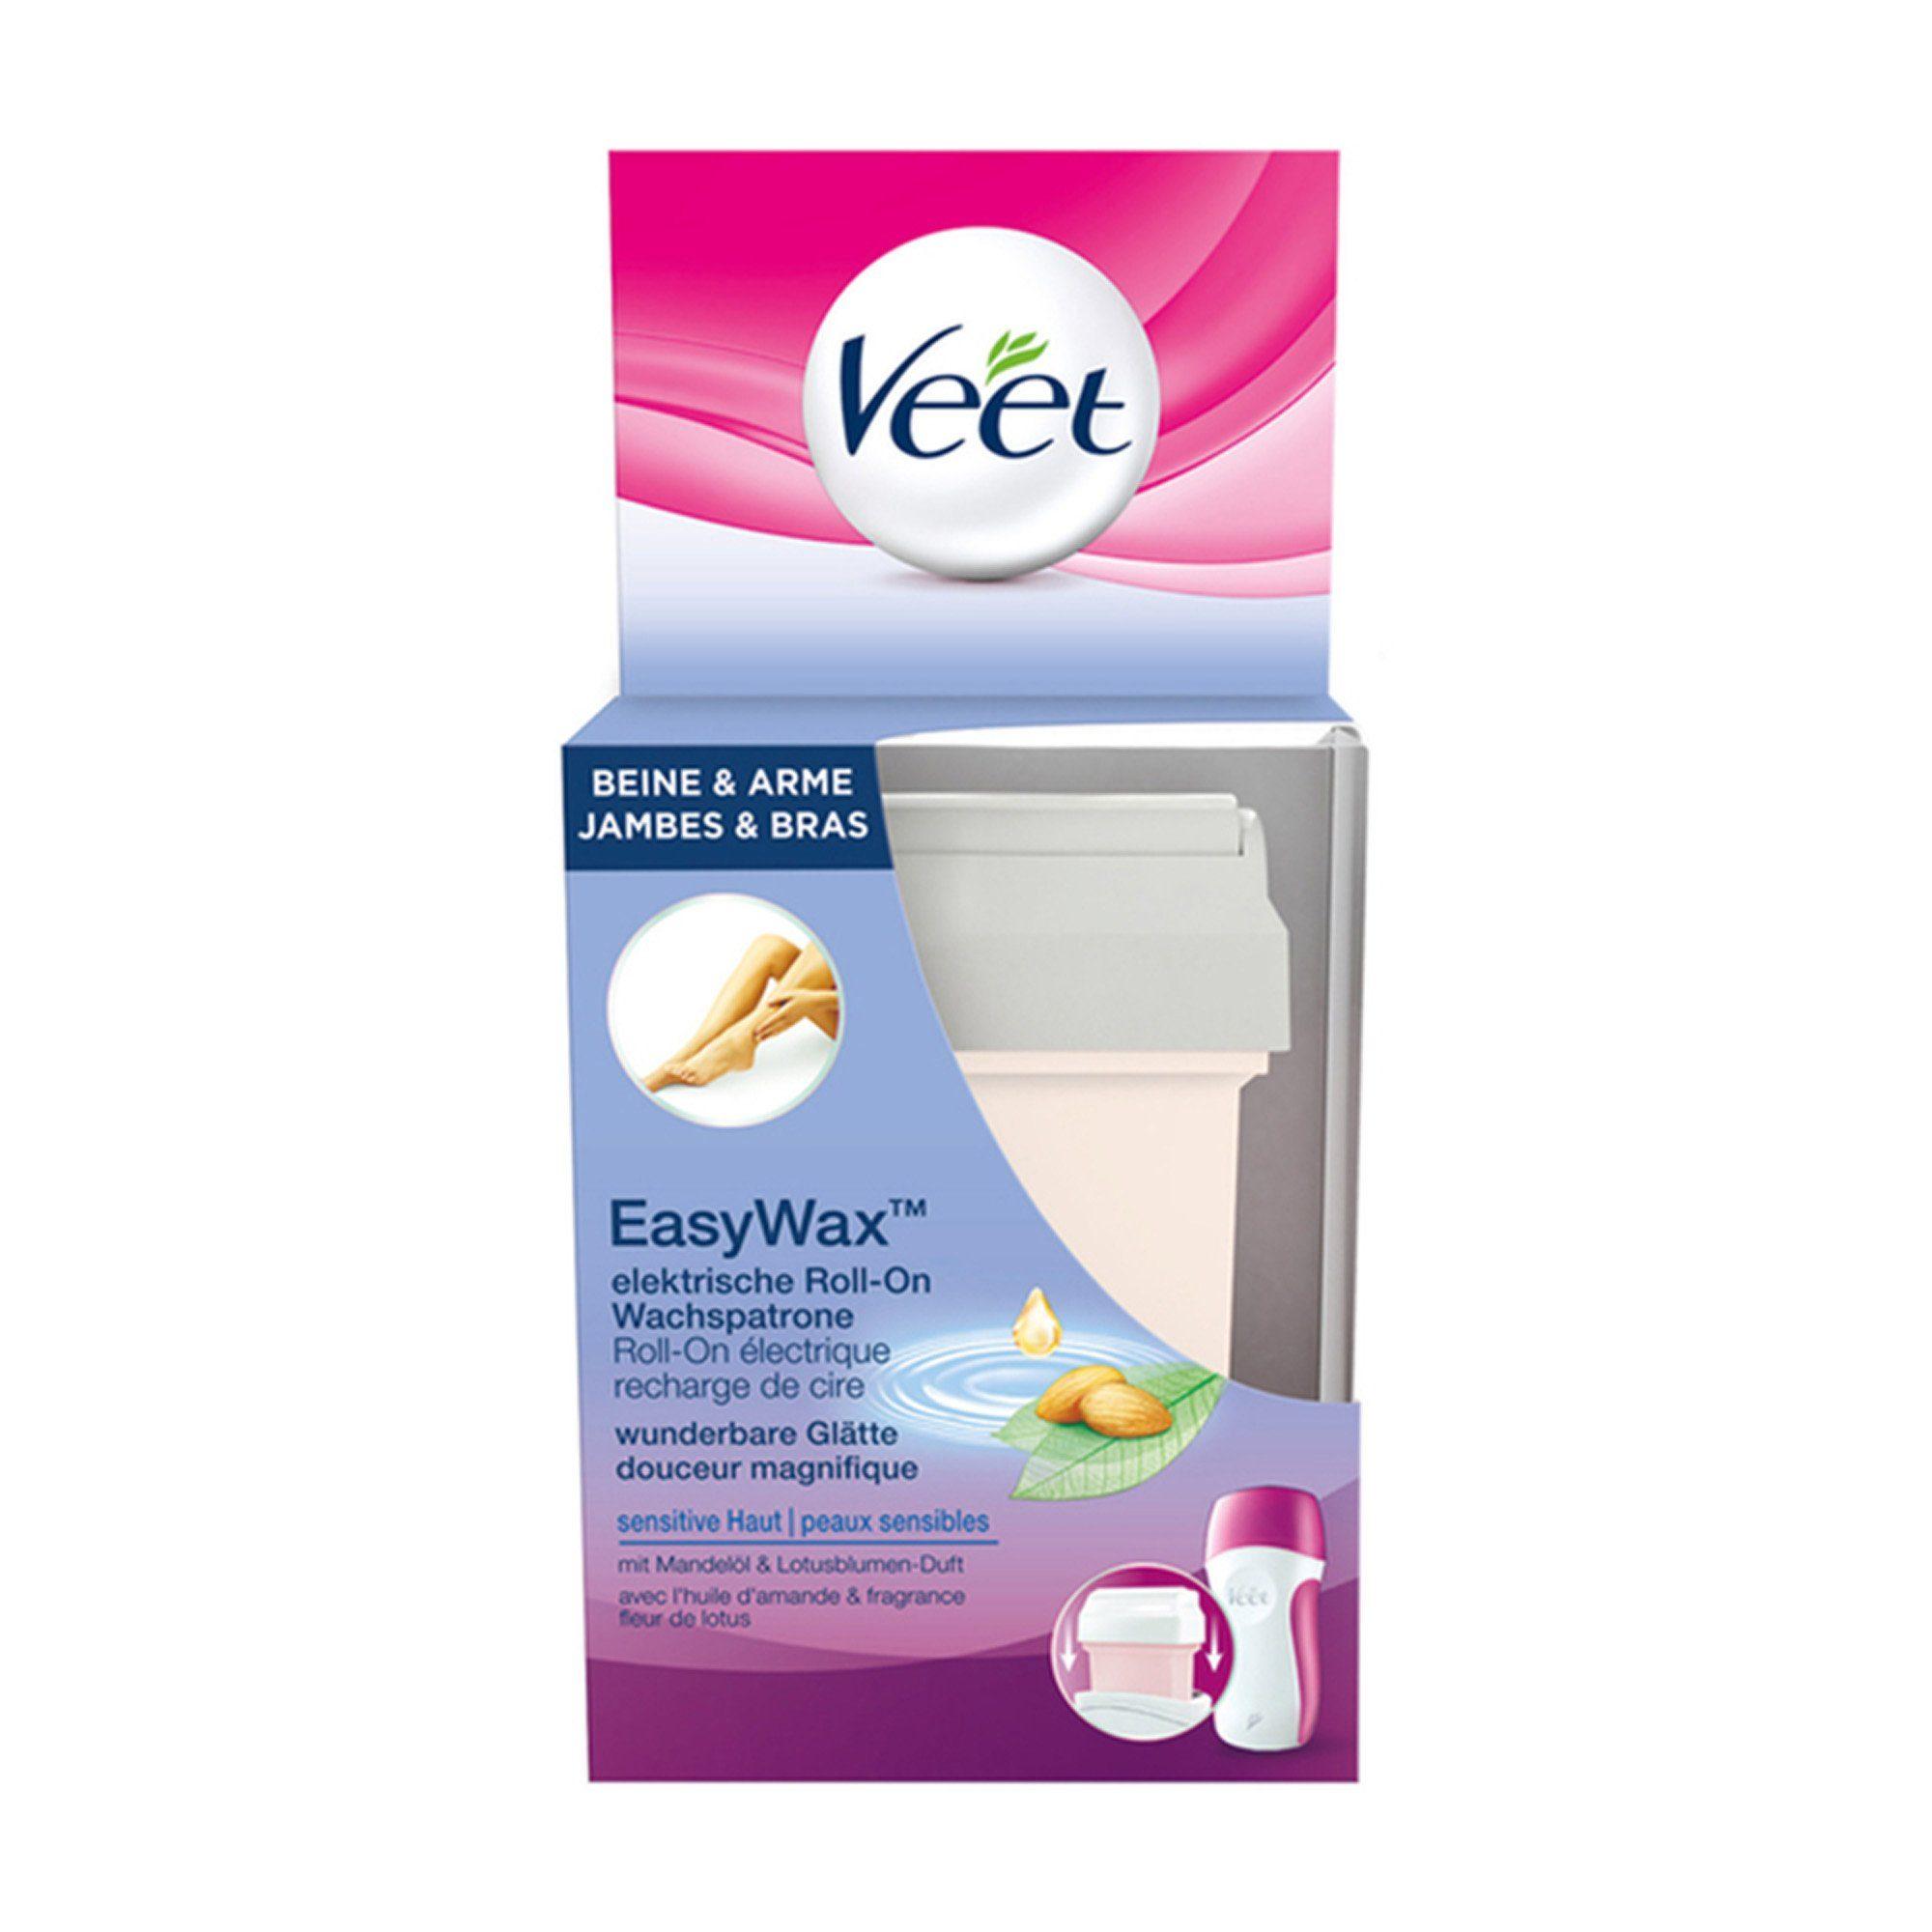 Veet Nachfüllwachspatrone für den EasyWax Haarentferner »EasyWax Roll-On Wachspatrone«